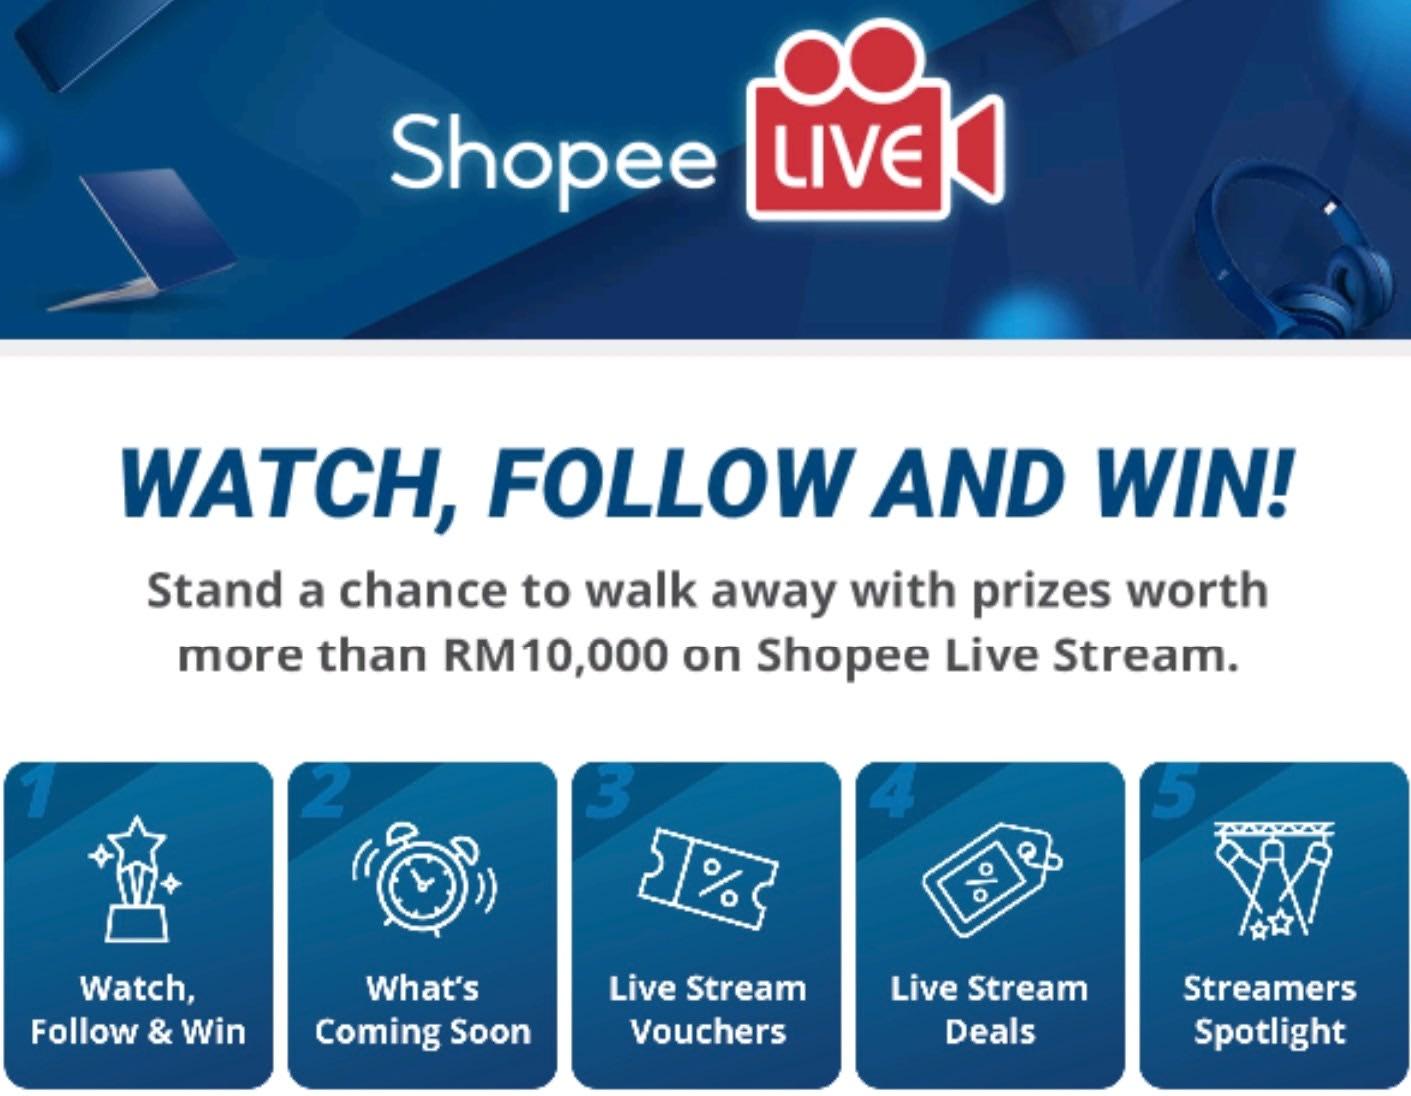 Shopee Live Video Chat.jpeg